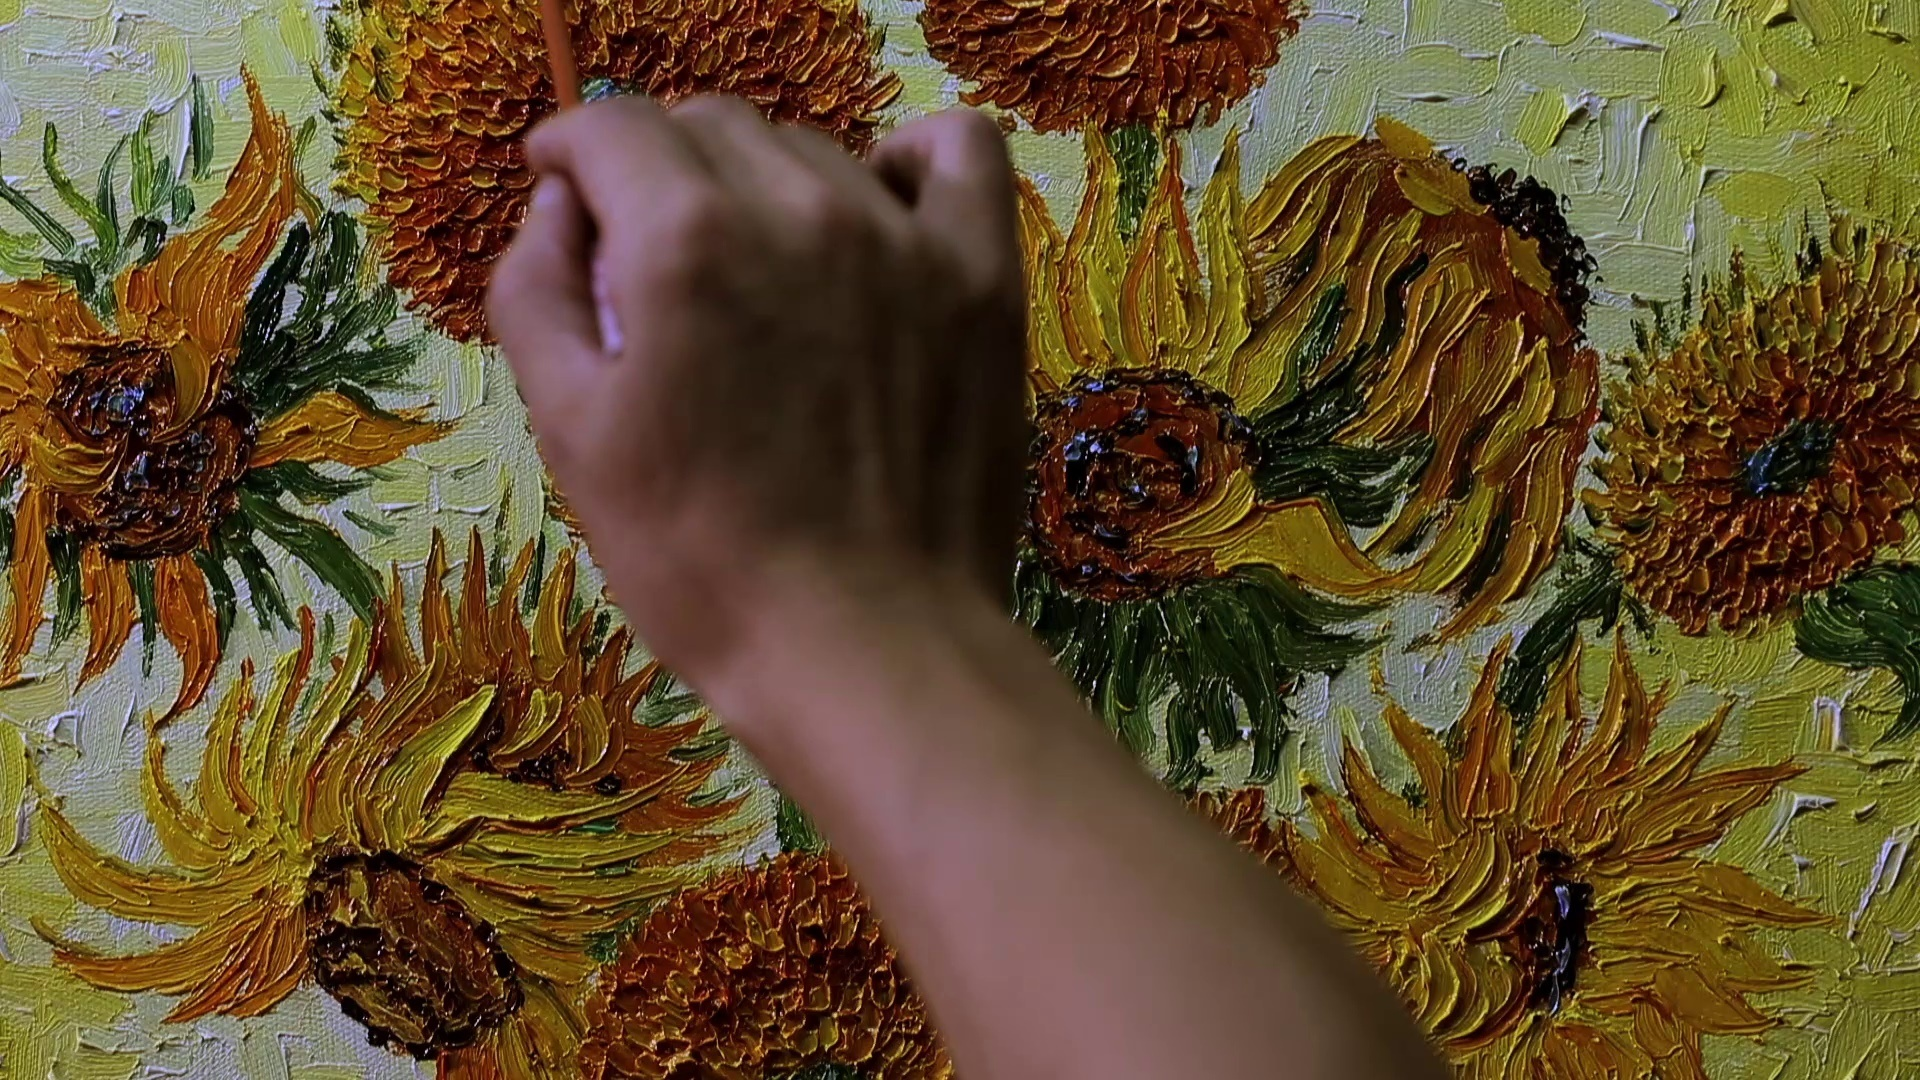 シャオヨン氏制作ゴッホ複製画『ひまわり(15本のひまわり)』 ※東京・新宿シネマカリテに展示 (C) Century Image Media (China)